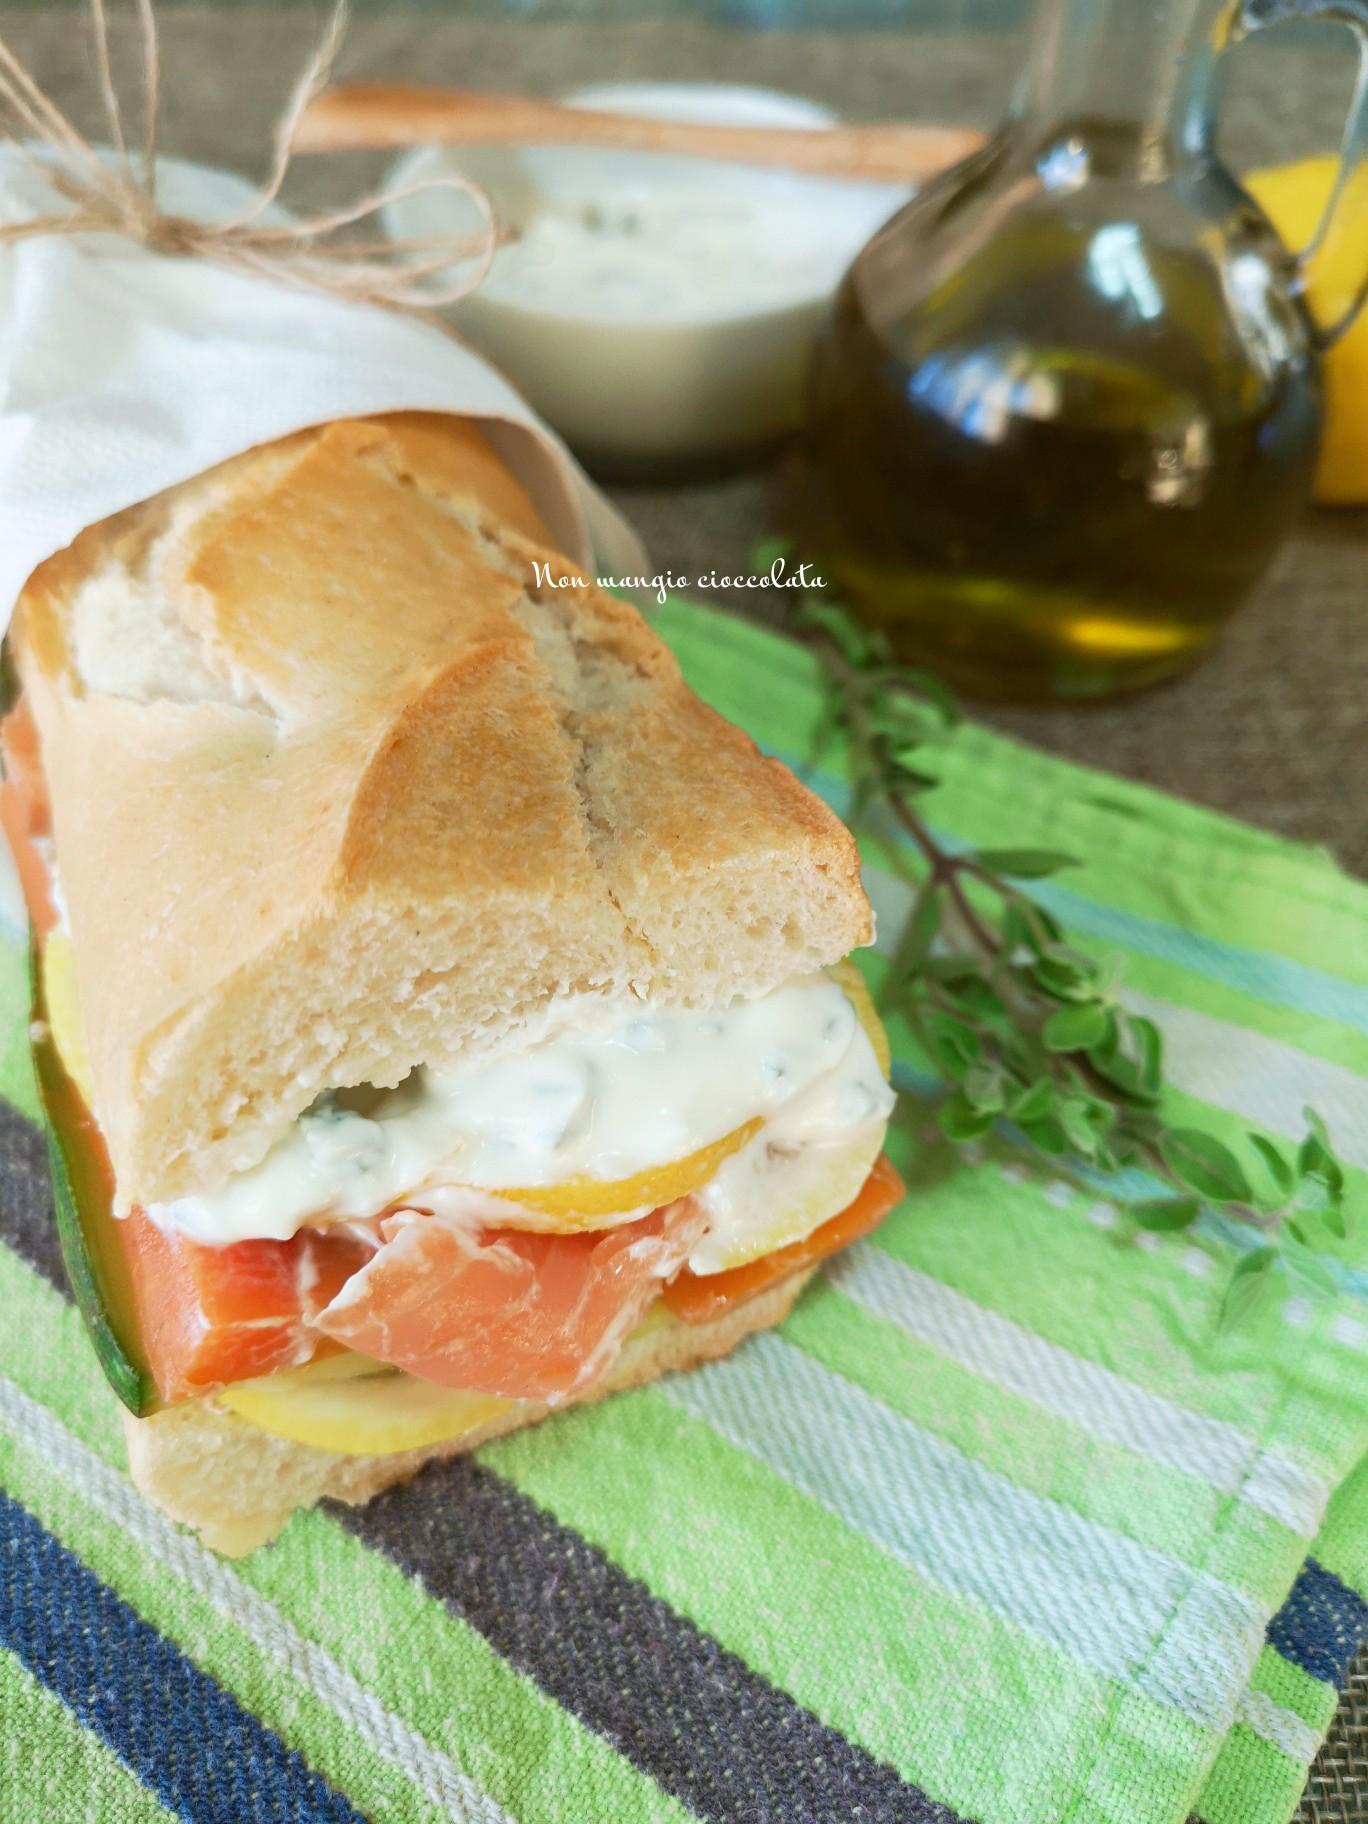 Panino con salmone affumicato, verdure e salsa allo yogurt greco